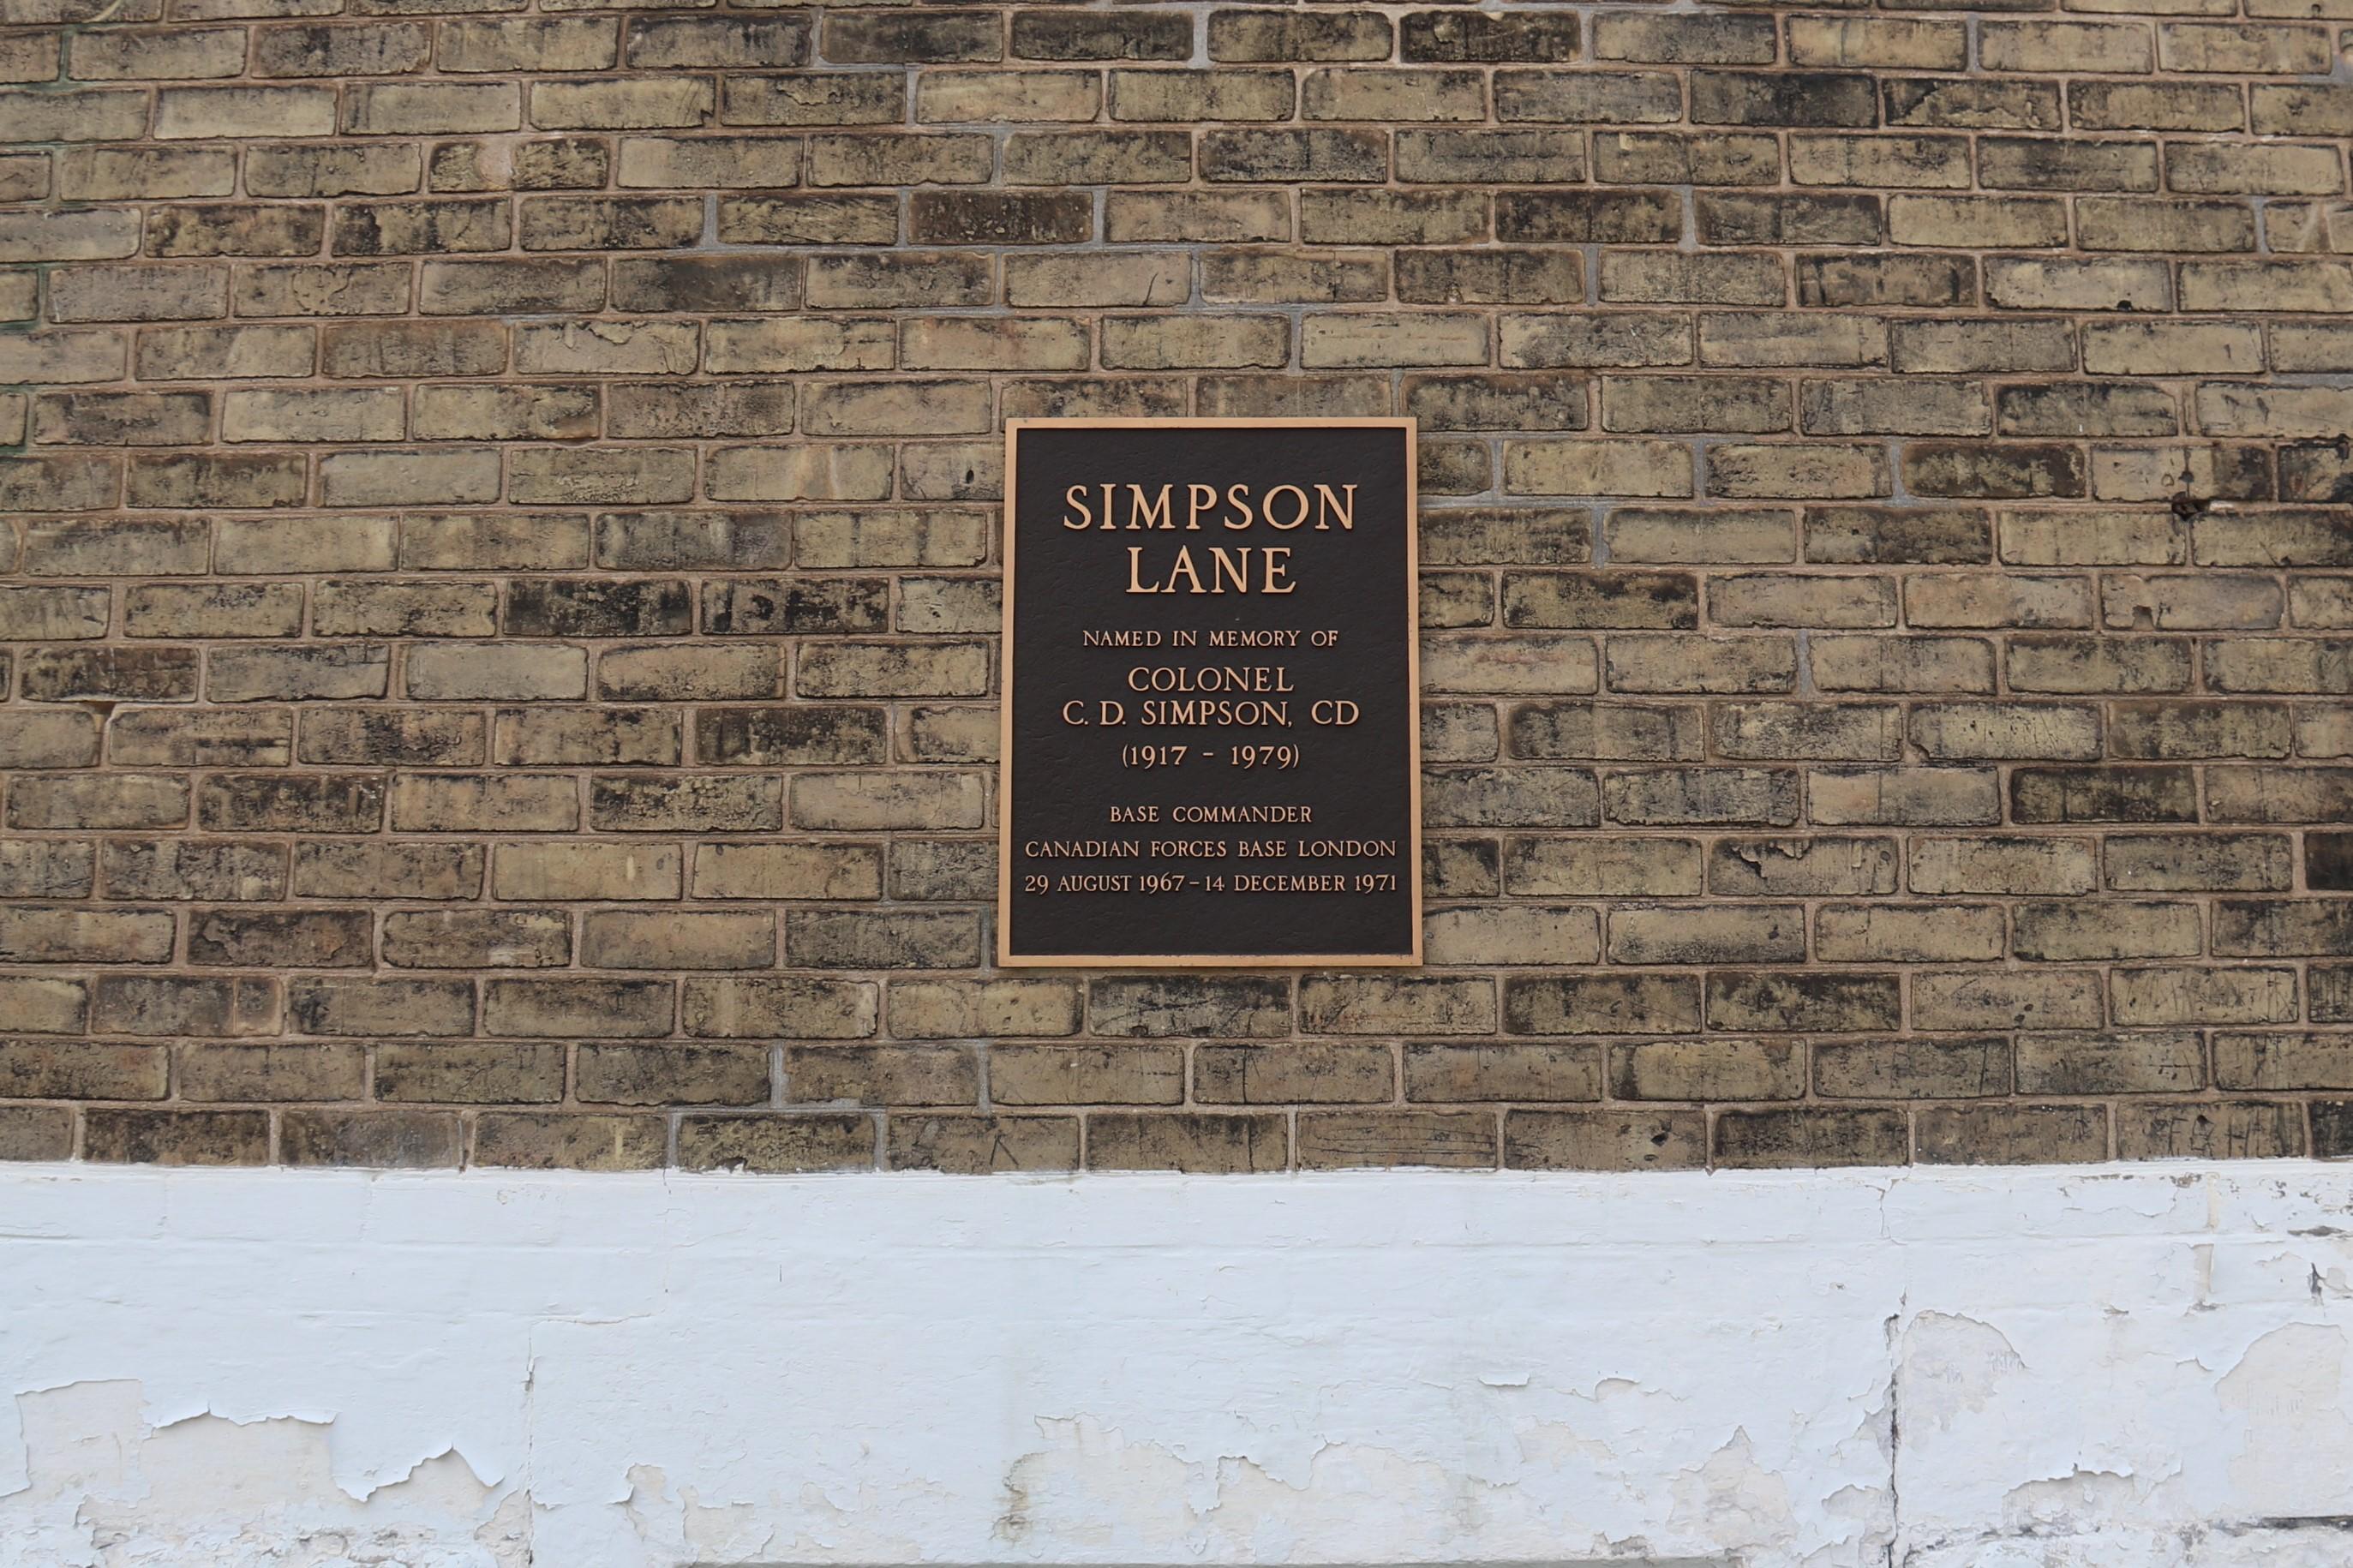 Simpson Lane Plaque